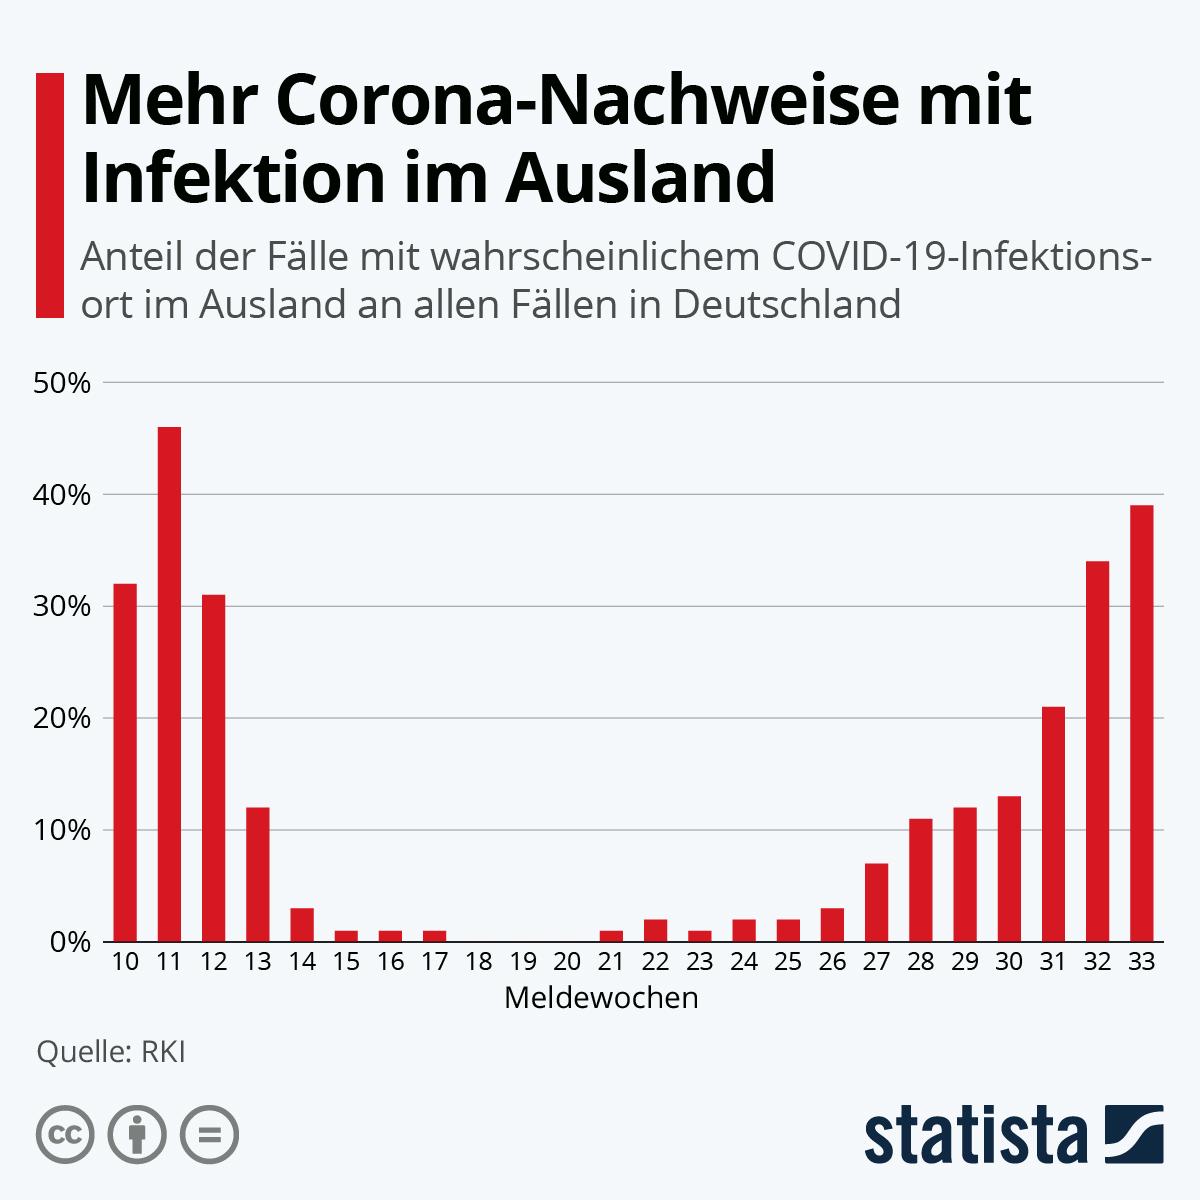 Infografik: Mehr Corona-Nachweise mit Infektion im Ausland | Statista